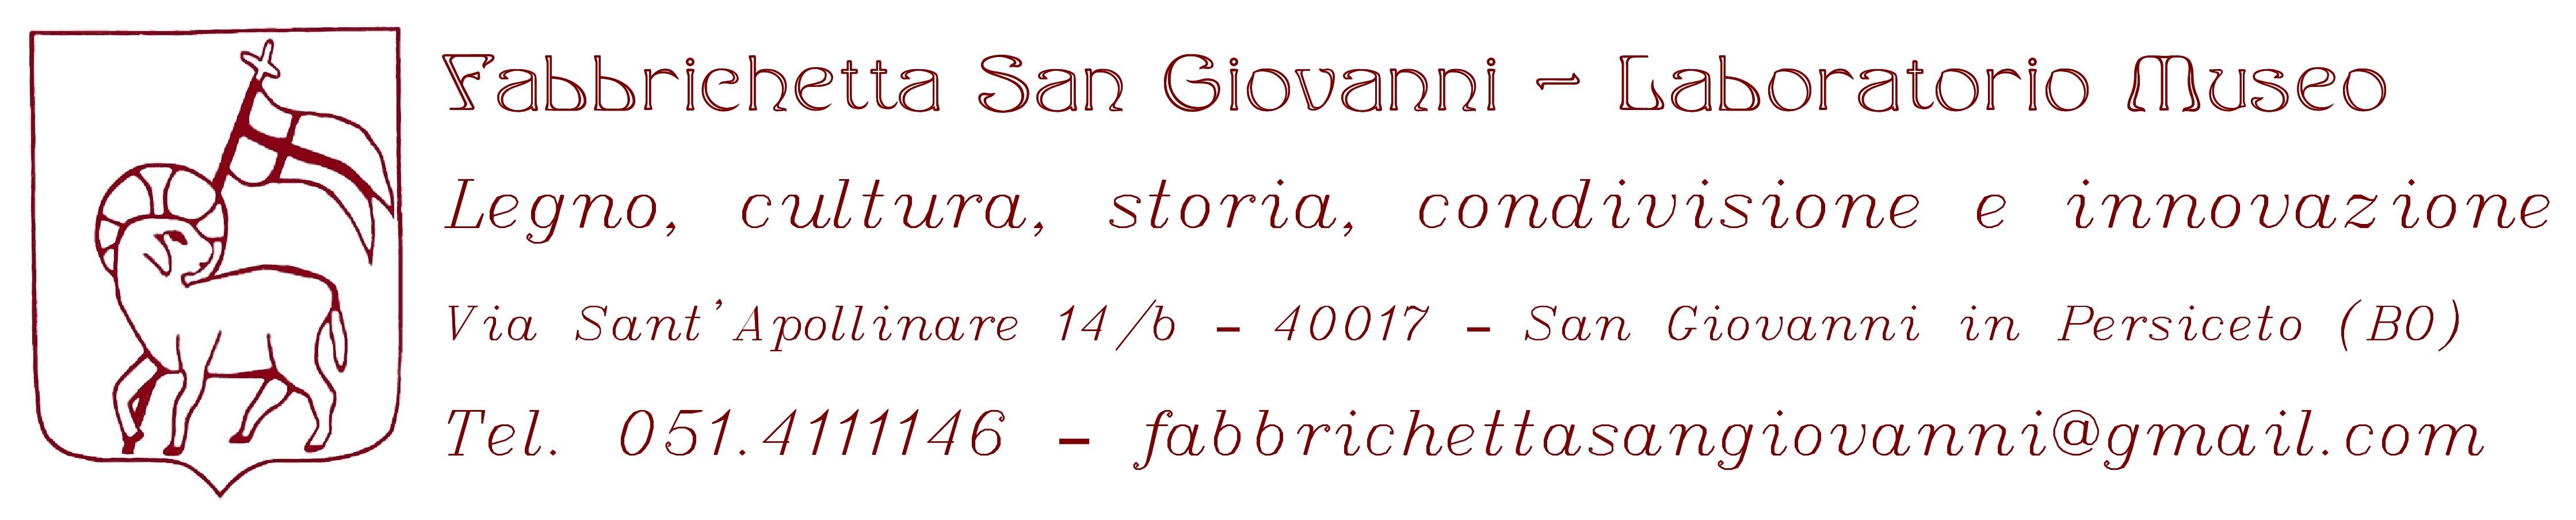 Fabbrichetta San Giovanni – Laboratorio Museo